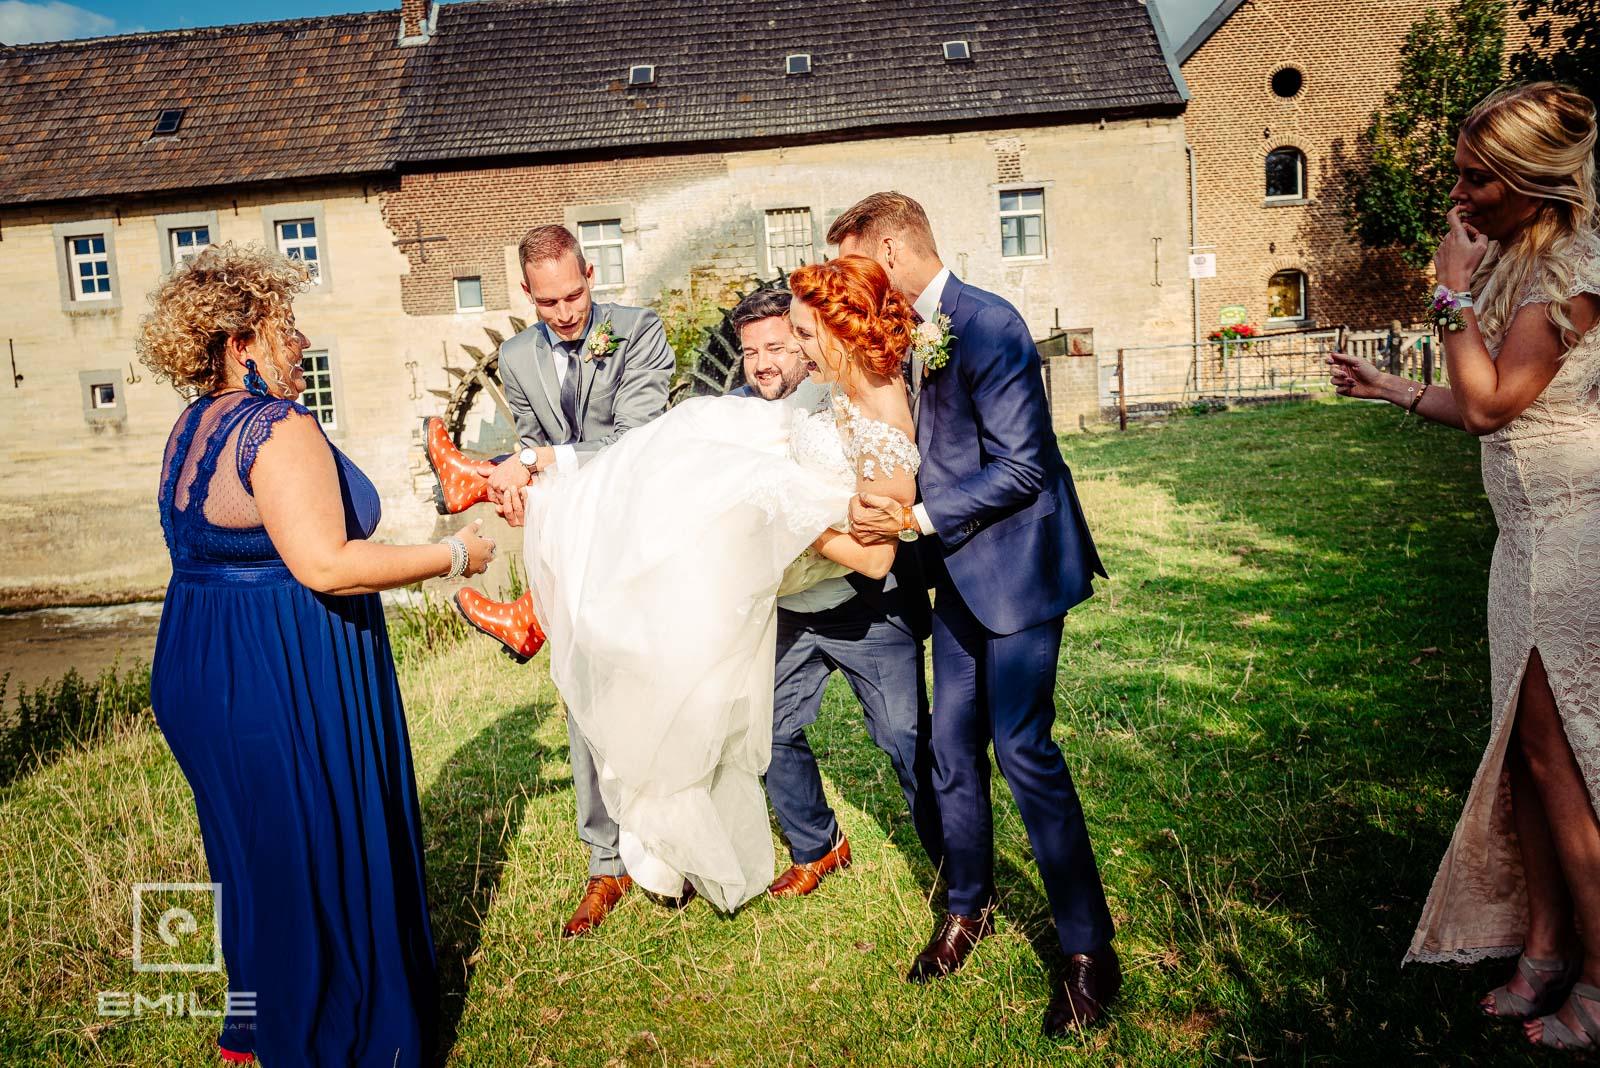 De bruid wordt gedragen door de vrienden